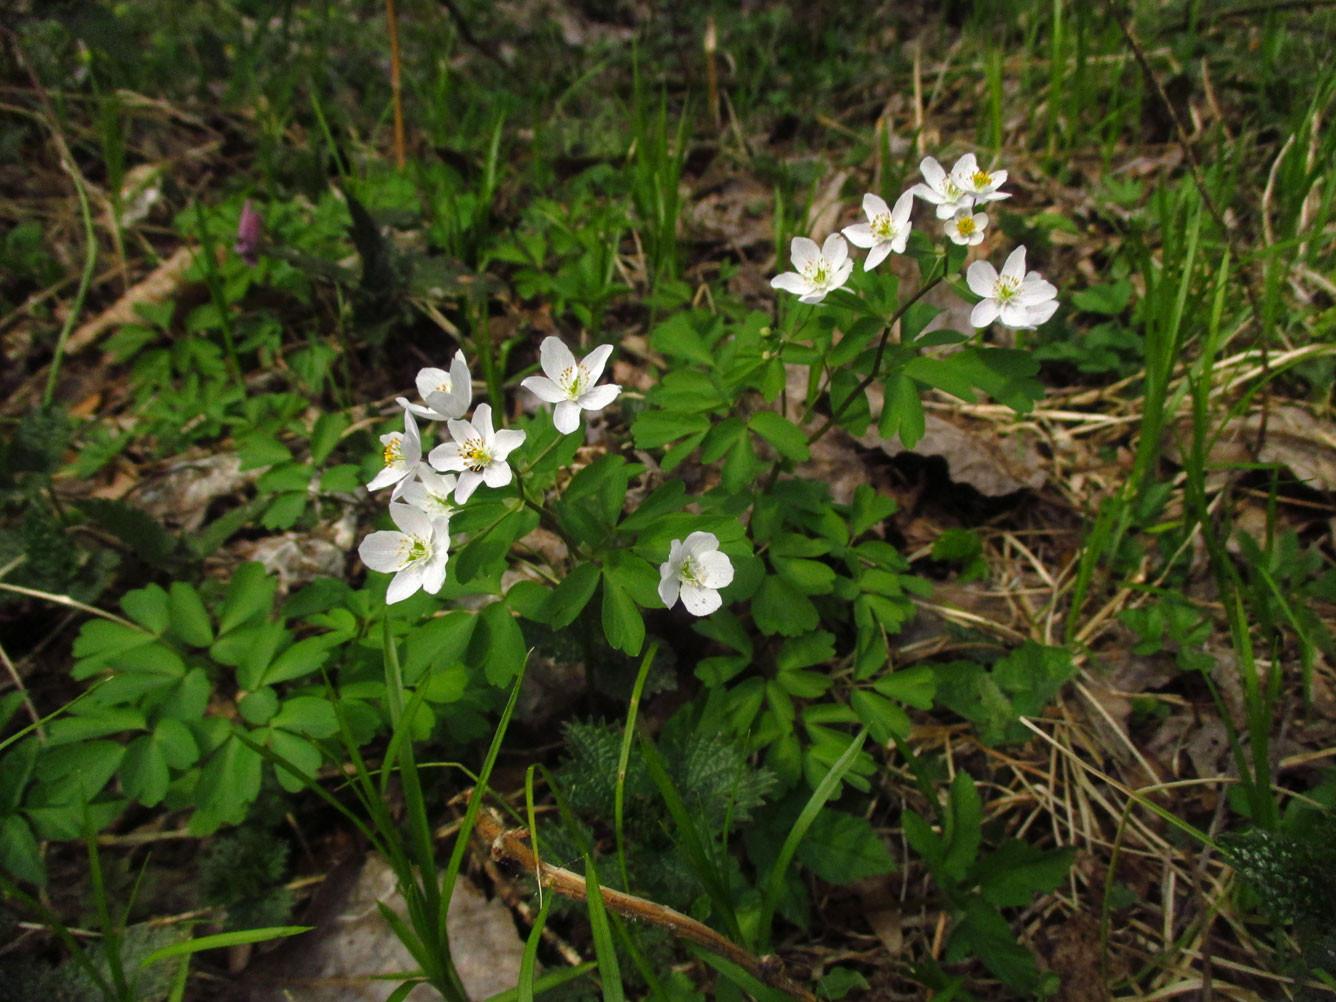 Muschelblümchen (Isopyrum thalictroides) | Familie: Hahnenfußgewächse (Ranunculaceae)